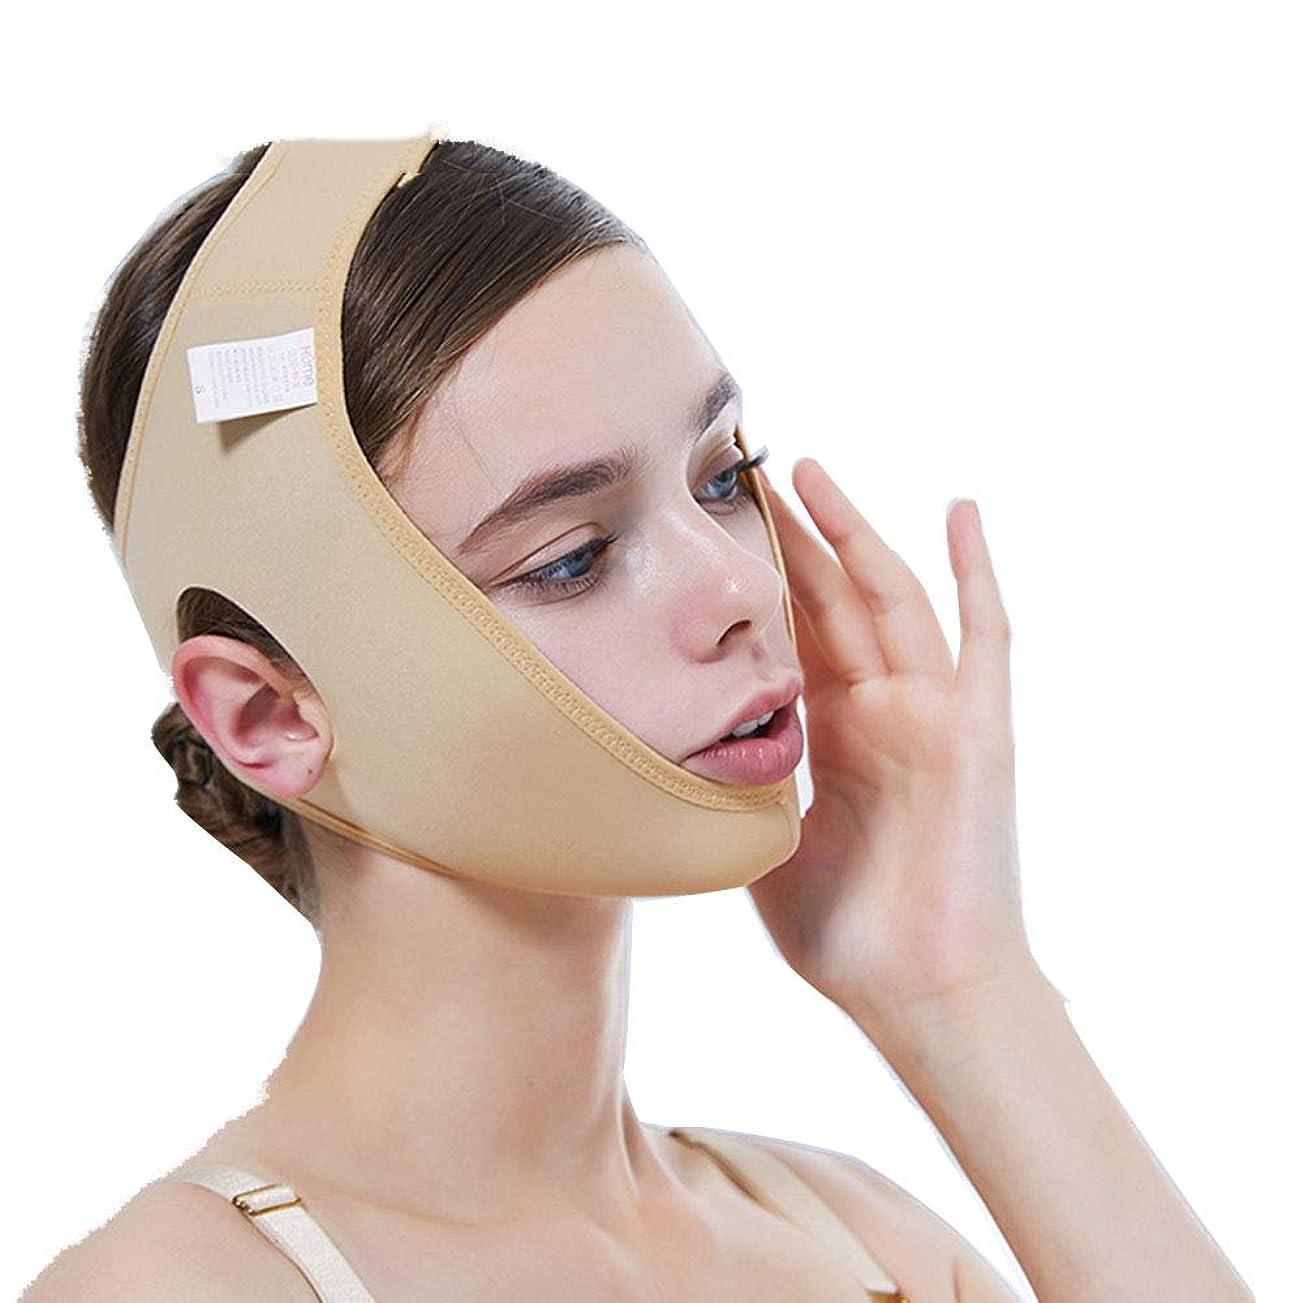 評決急襲瞑想するフェイスリフトマスク、薄型ダブルチンアーティファクト/vフェイスビームフェイス/あご手術セット/フェイスマスク(カラー),XXL